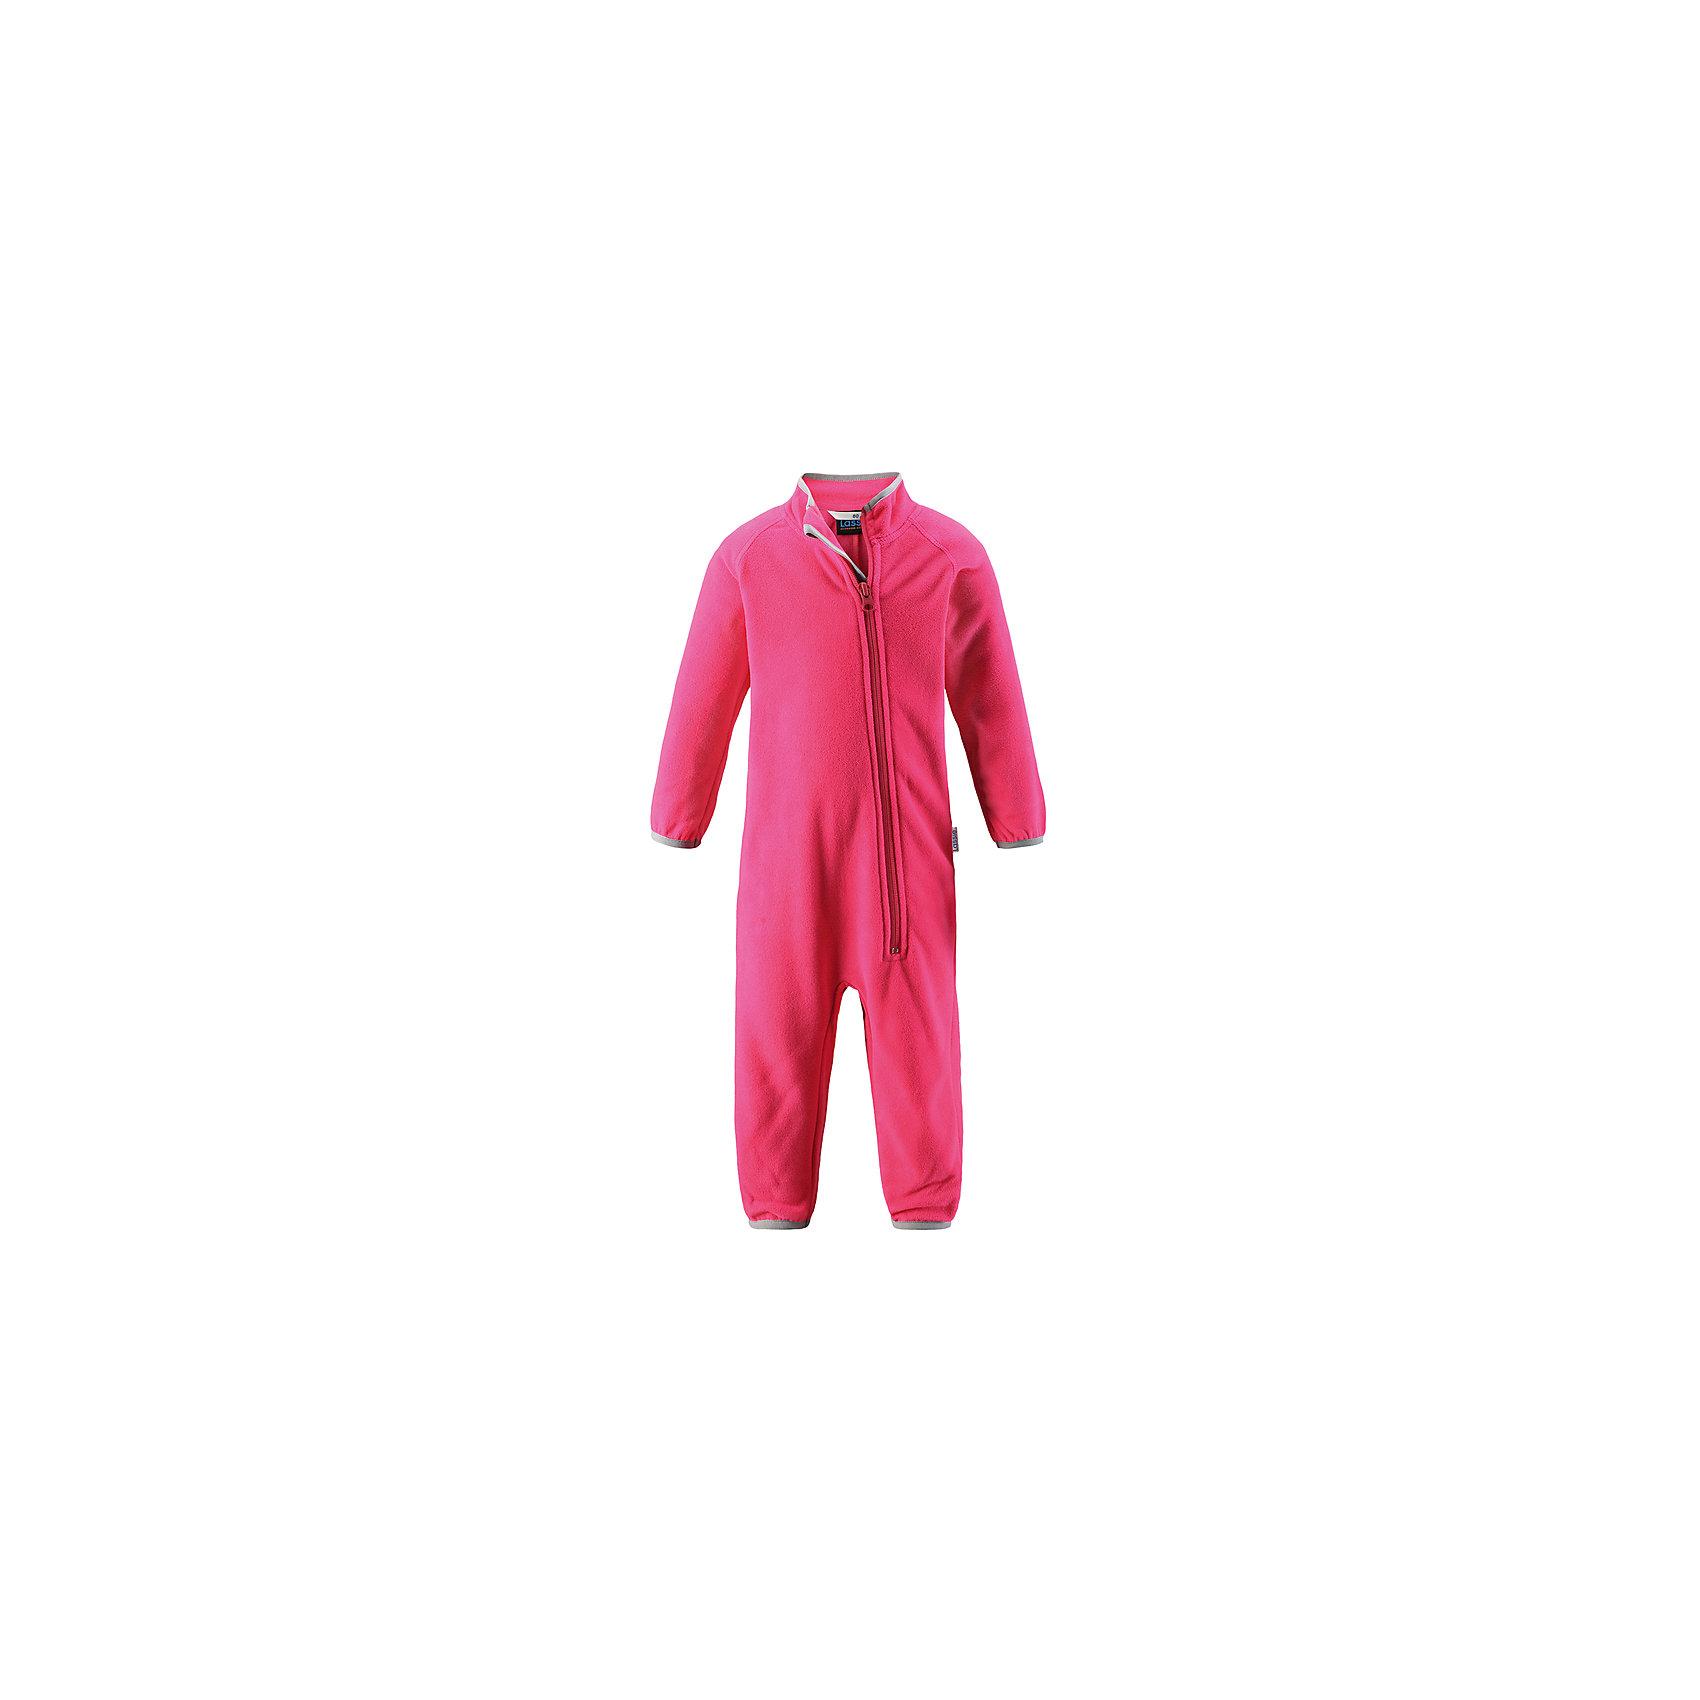 Комбинезон LASSIEФлис и термобелье<br>Характеристики товара:<br><br>• цвет: розовый<br>• состав: 100% полиэстер<br>• мягкий флис<br>• «дышащий» теплый и быстросохнущий материал<br>• эластичный воротник<br>• манжеты на рукавах и брючинах<br>• молния по всей длине<br>• комфортная посадка<br>• страна производства: Китай<br>• страна бренда: Финляндия<br>• коллекция: весна-лето 2017<br><br>Флисовый комбинезон поможет обеспечить ребенку комфорт и тепло. Он может использоваться как домашняя одежда или надеваться под верхнюю одежду. Комбинезон удобно сидит и симпатично выглядит. Материал - теплый и мягкий. Продуманный крой разрабатывался специально для детей.<br><br>Обувь и одежда от финского бренда LASSIE пользуются популярностью во многих странах. Они стильные, качественные и удобные. Для производства продукции используются только безопасные, проверенные материалы и фурнитура. Порадуйте ребенка модными и красивыми вещами от Lassie®! <br><br>Комбинезон от финского бренда LASSIE можно купить в нашем интернет-магазине.<br><br>Ширина мм: 190<br>Глубина мм: 74<br>Высота мм: 229<br>Вес г: 236<br>Цвет: розовый<br>Возраст от месяцев: 24<br>Возраст до месяцев: 36<br>Пол: Женский<br>Возраст: Детский<br>Размер: 98,68,74,80,86,92<br>SKU: 5264805